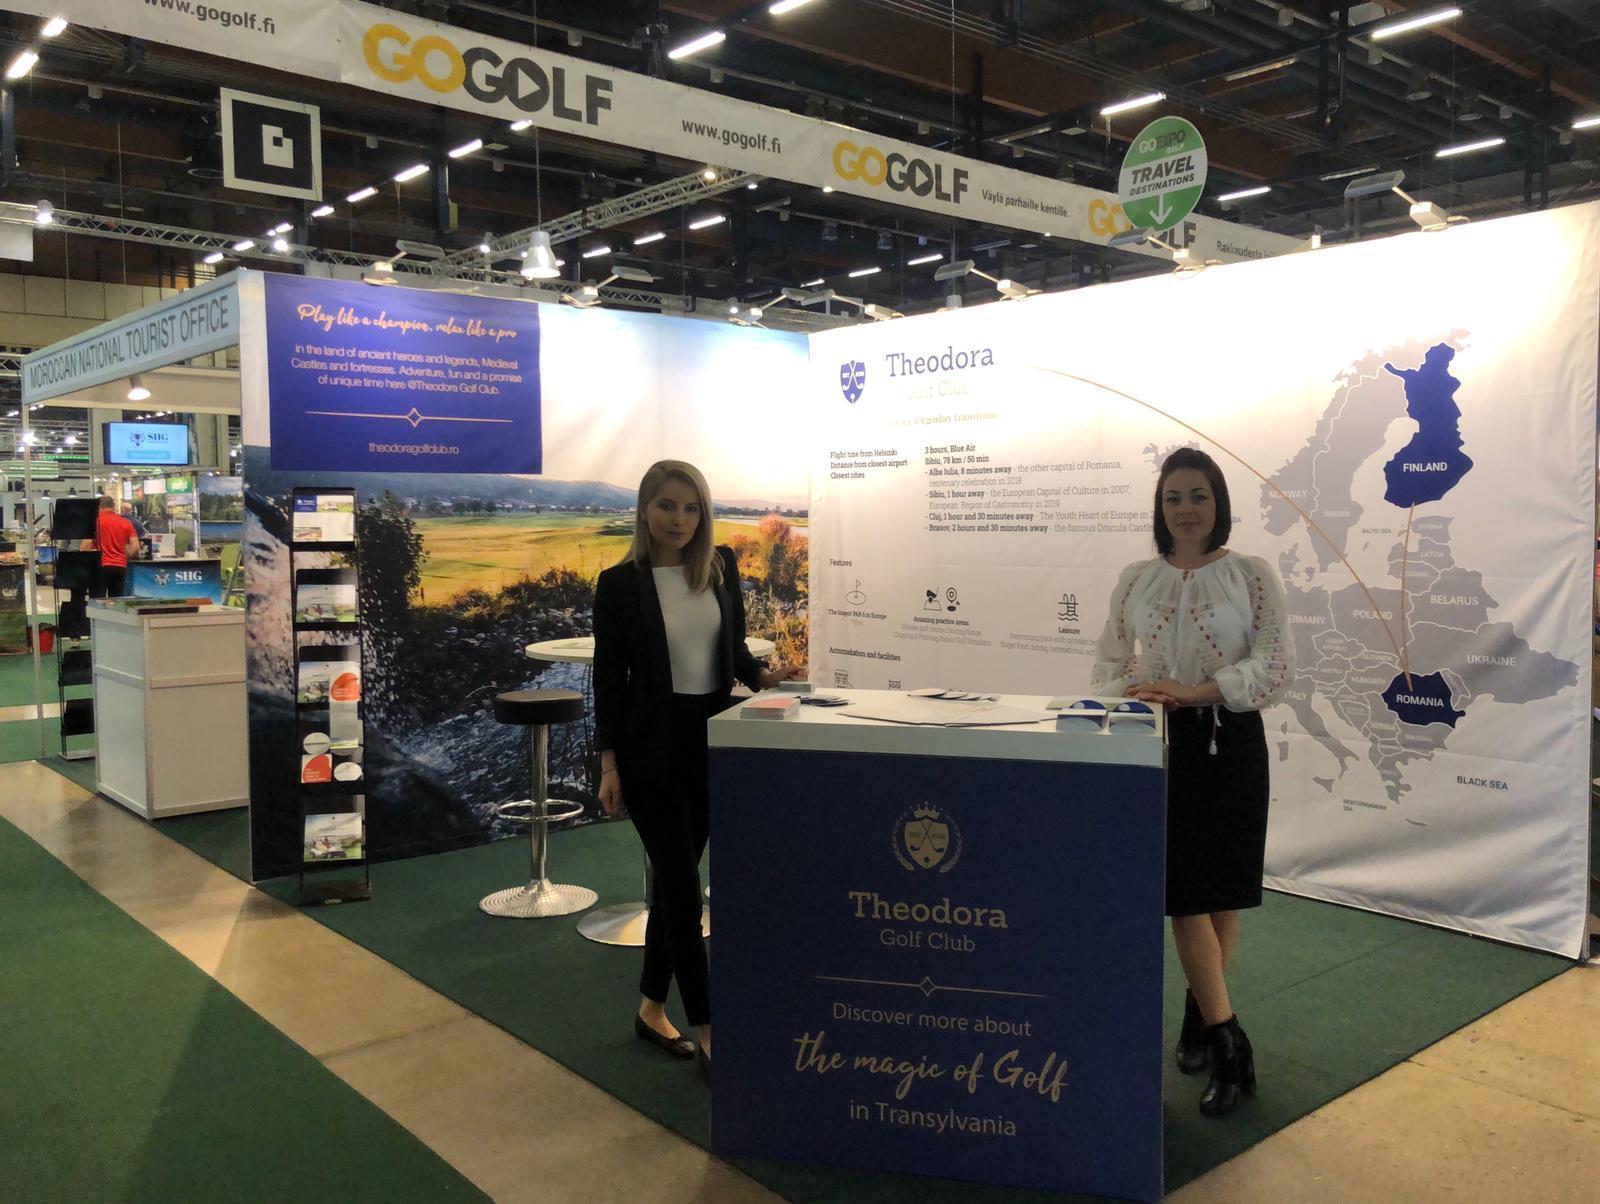 Premieră: Theodora Golf Club participă, cu stand propriu, la Go Expo Helsinki 2019, Finlanda